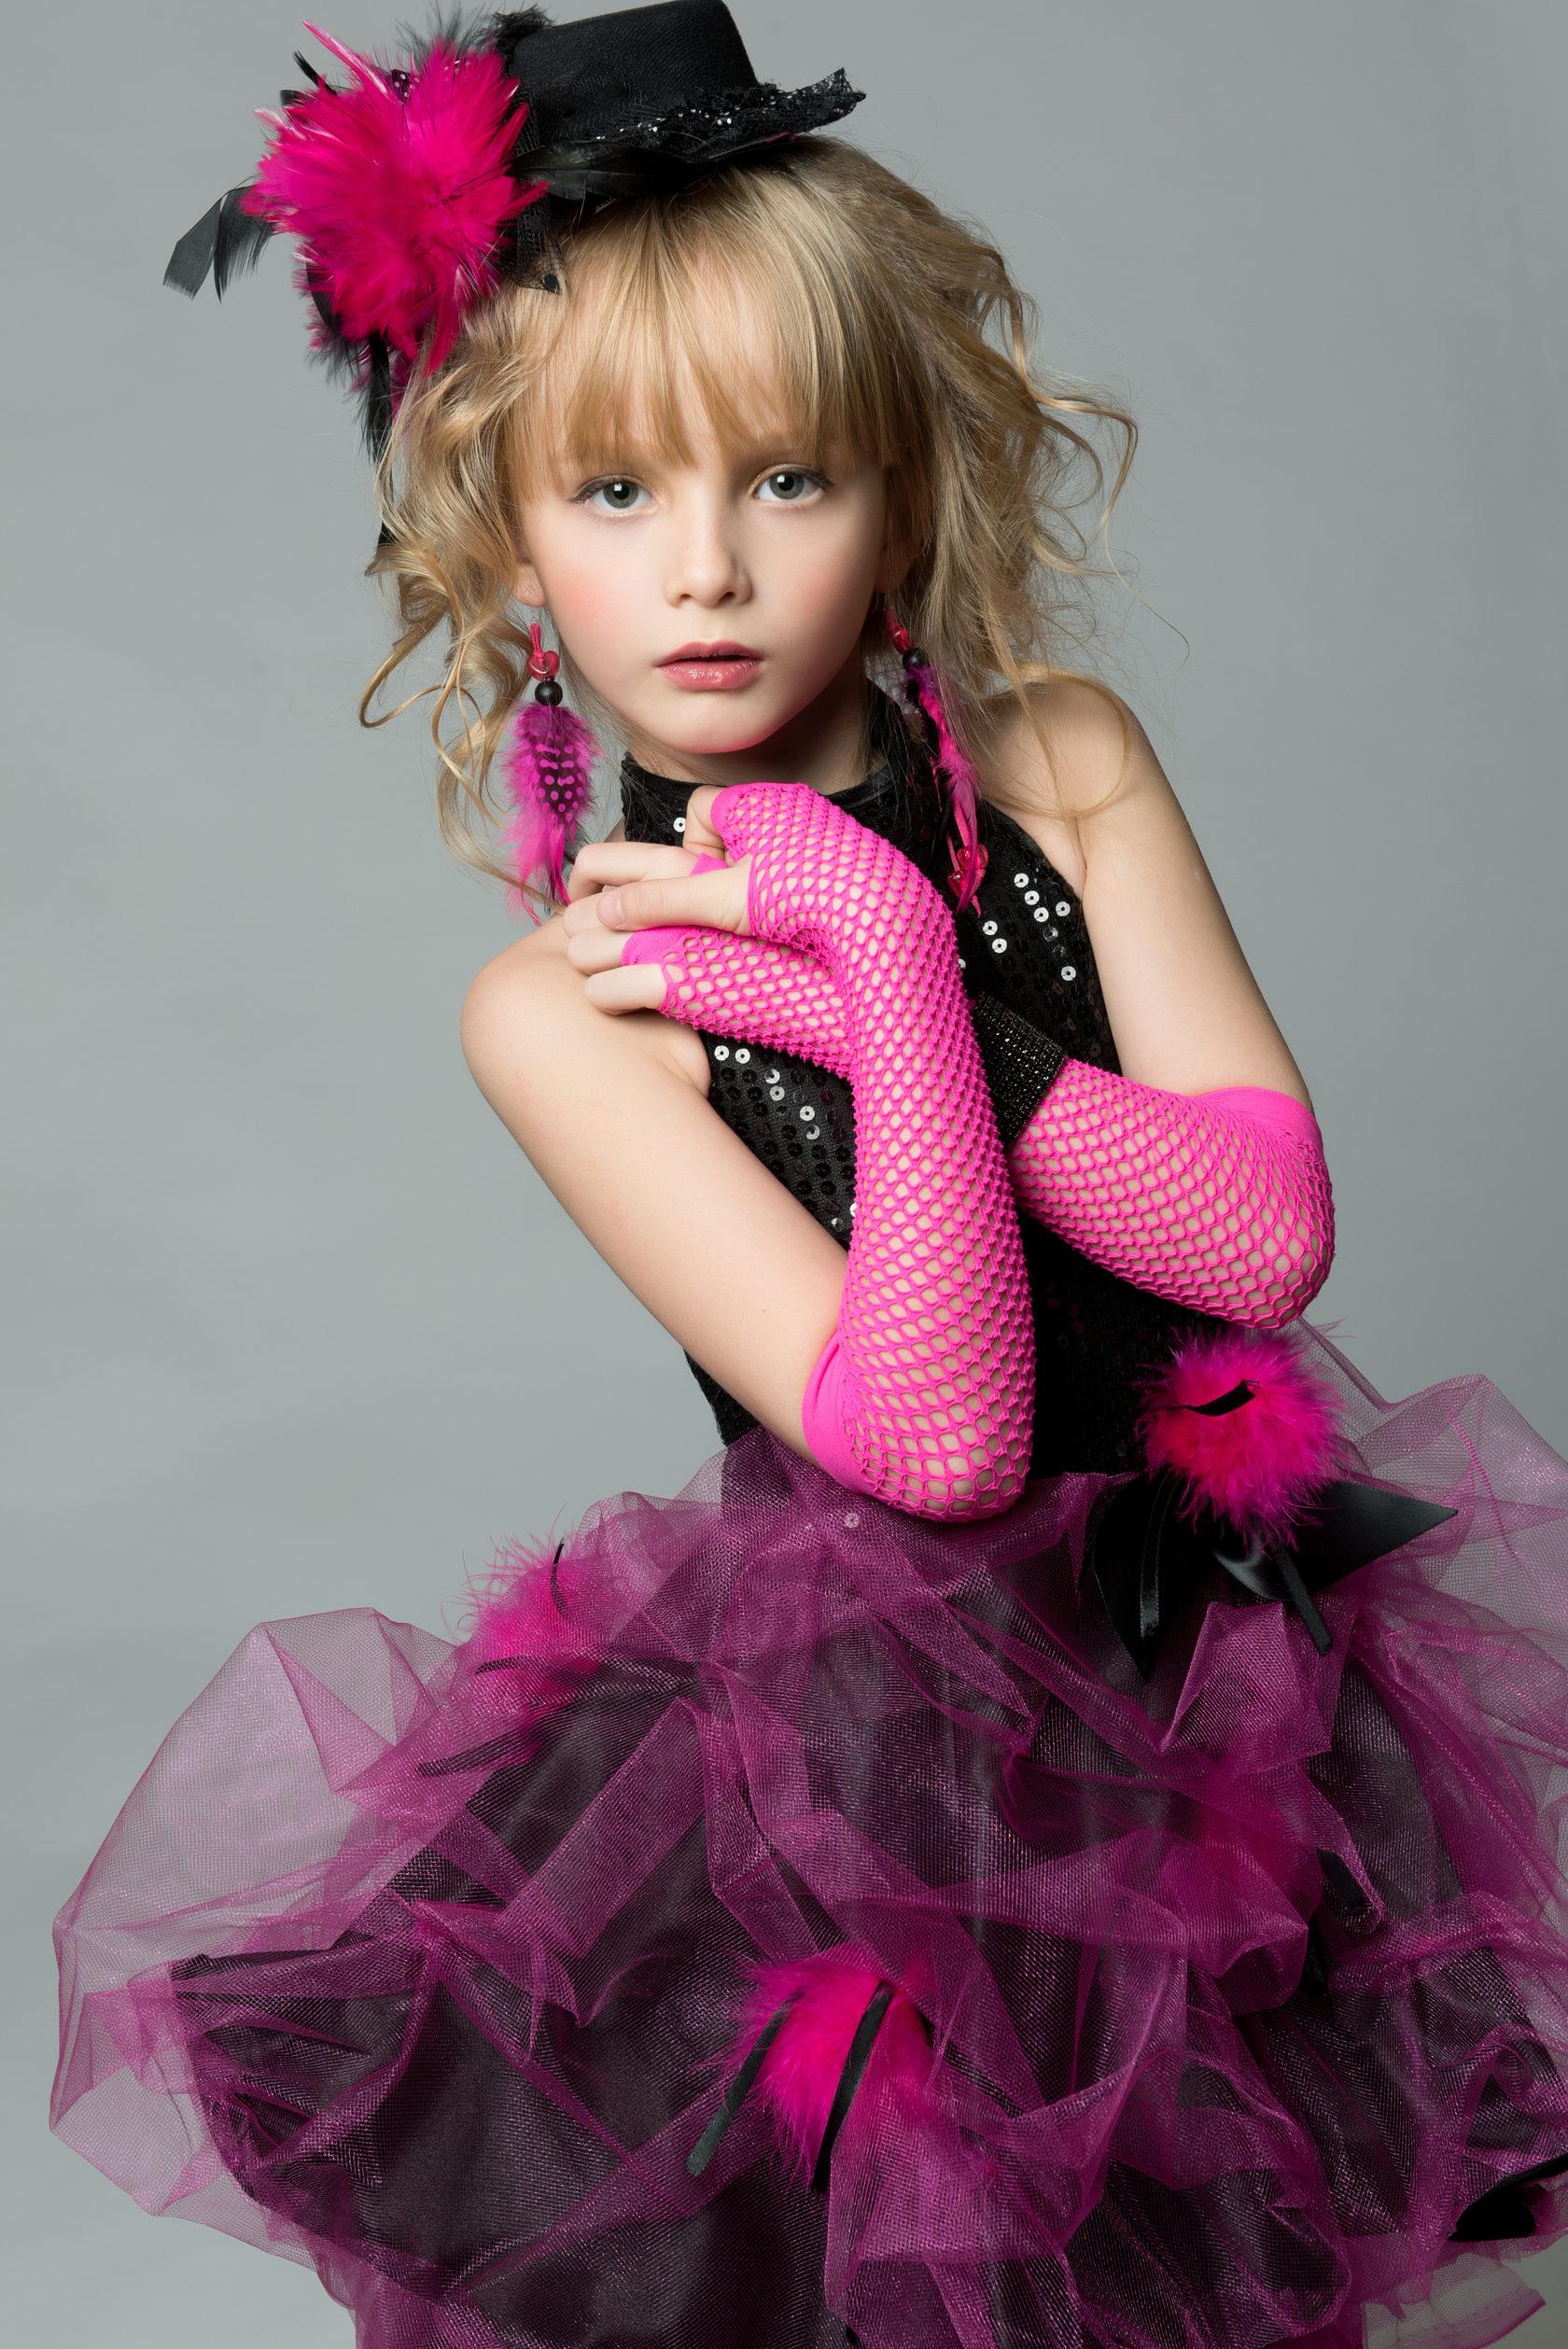 девушки фотосессии мини моделей каждой серии